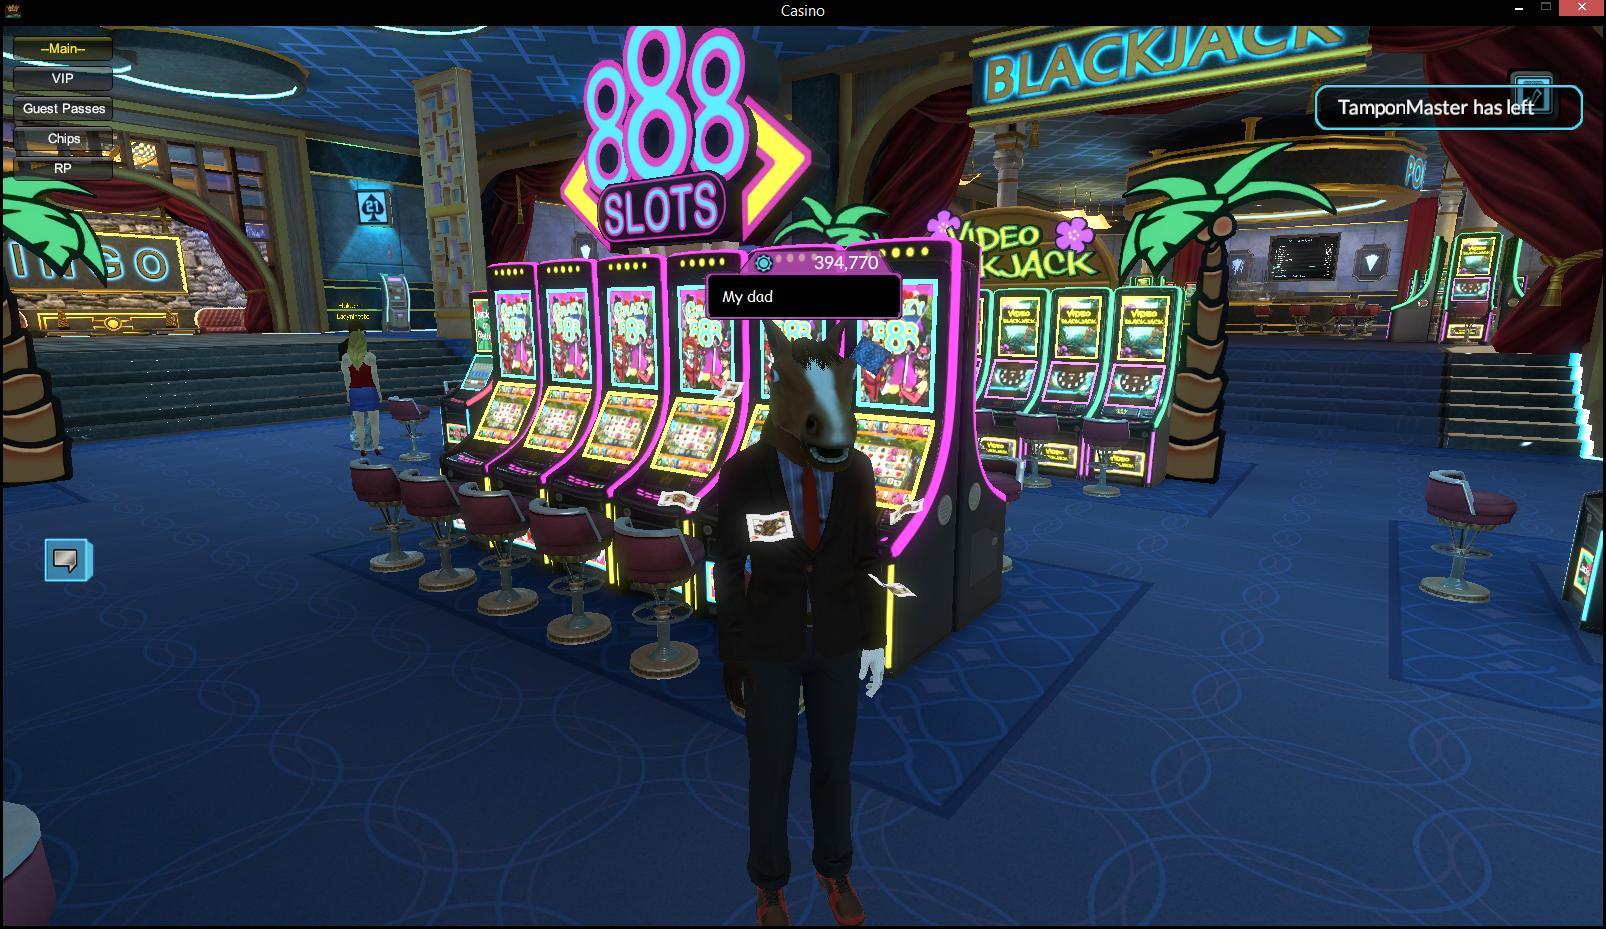 Jugar tragamonedas casino estrella get21 Torneos de Blackjack-412621